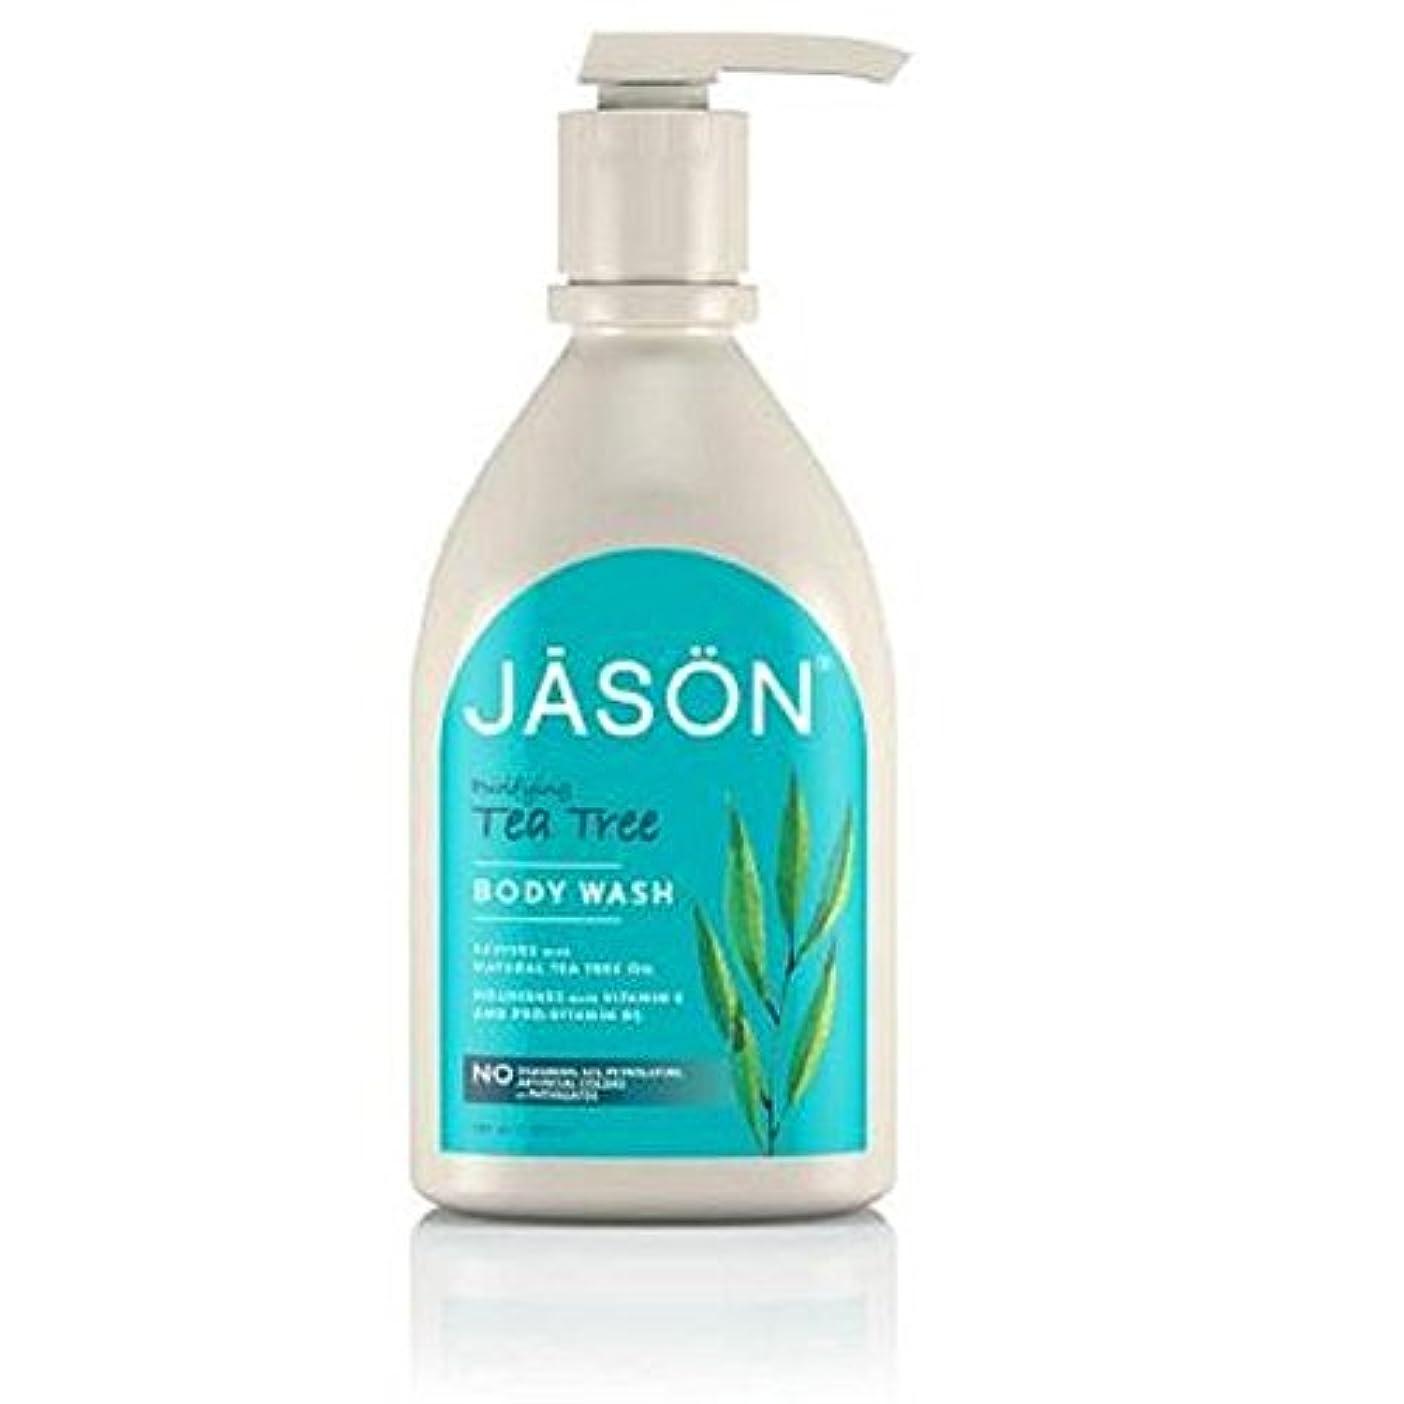 示す酸汚いJason Tea Tree Satin Body Wash Pump 900ml (Pack of 6) - ジェイソン?ティーツリーサテンボディウォッシュポンプ900ミリリットル x6 [並行輸入品]